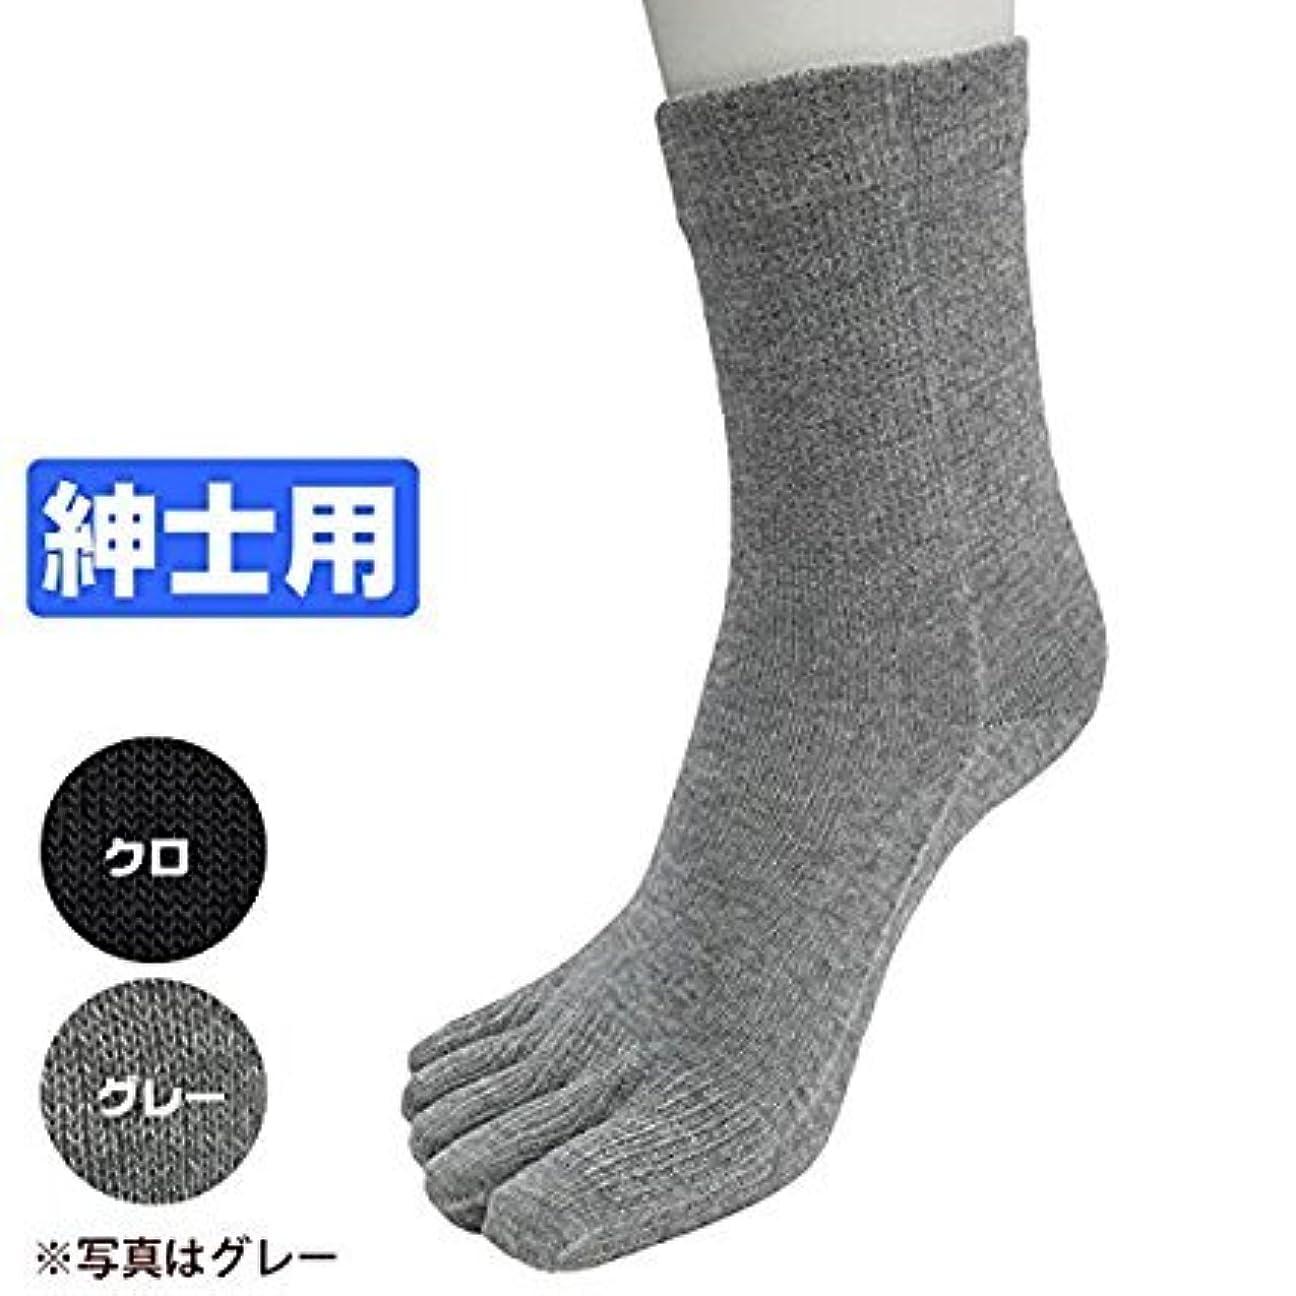 反対フォーラム疲労ひだまり 5本指ソックス 紳士用 靴下[24~26cm]オールシーズンタイプ (クロ)